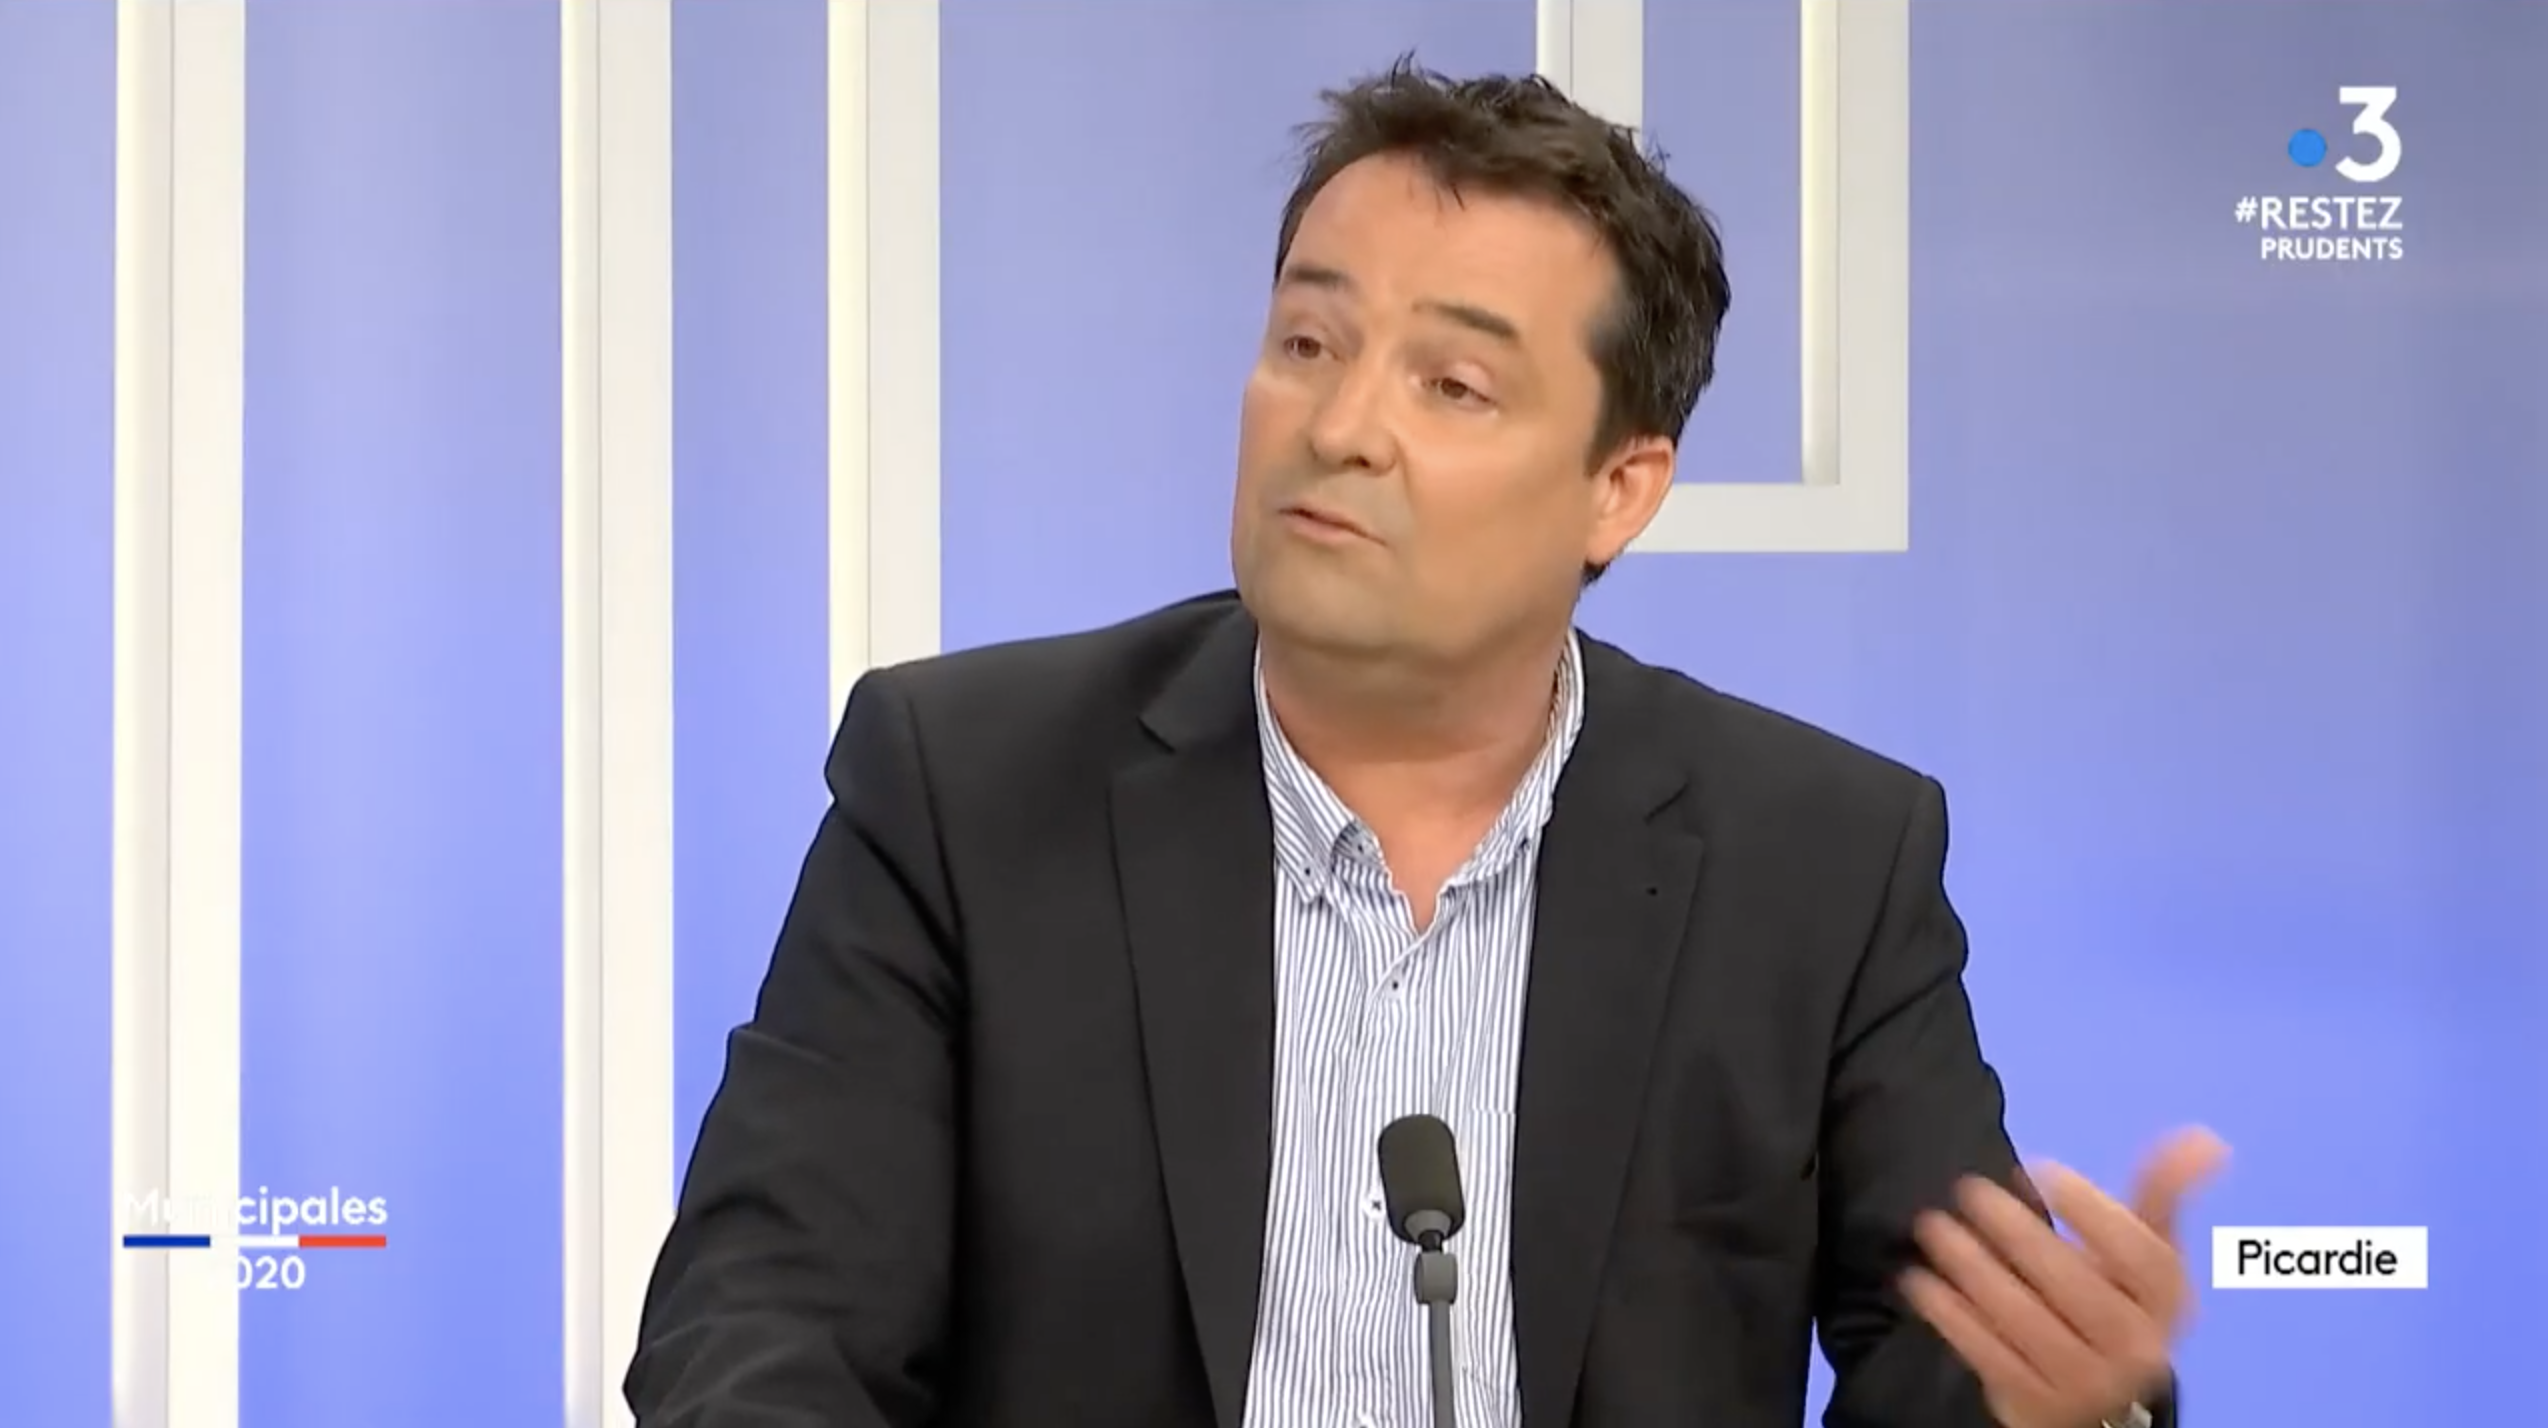 Le débat du second tour sur France 3 Picardie